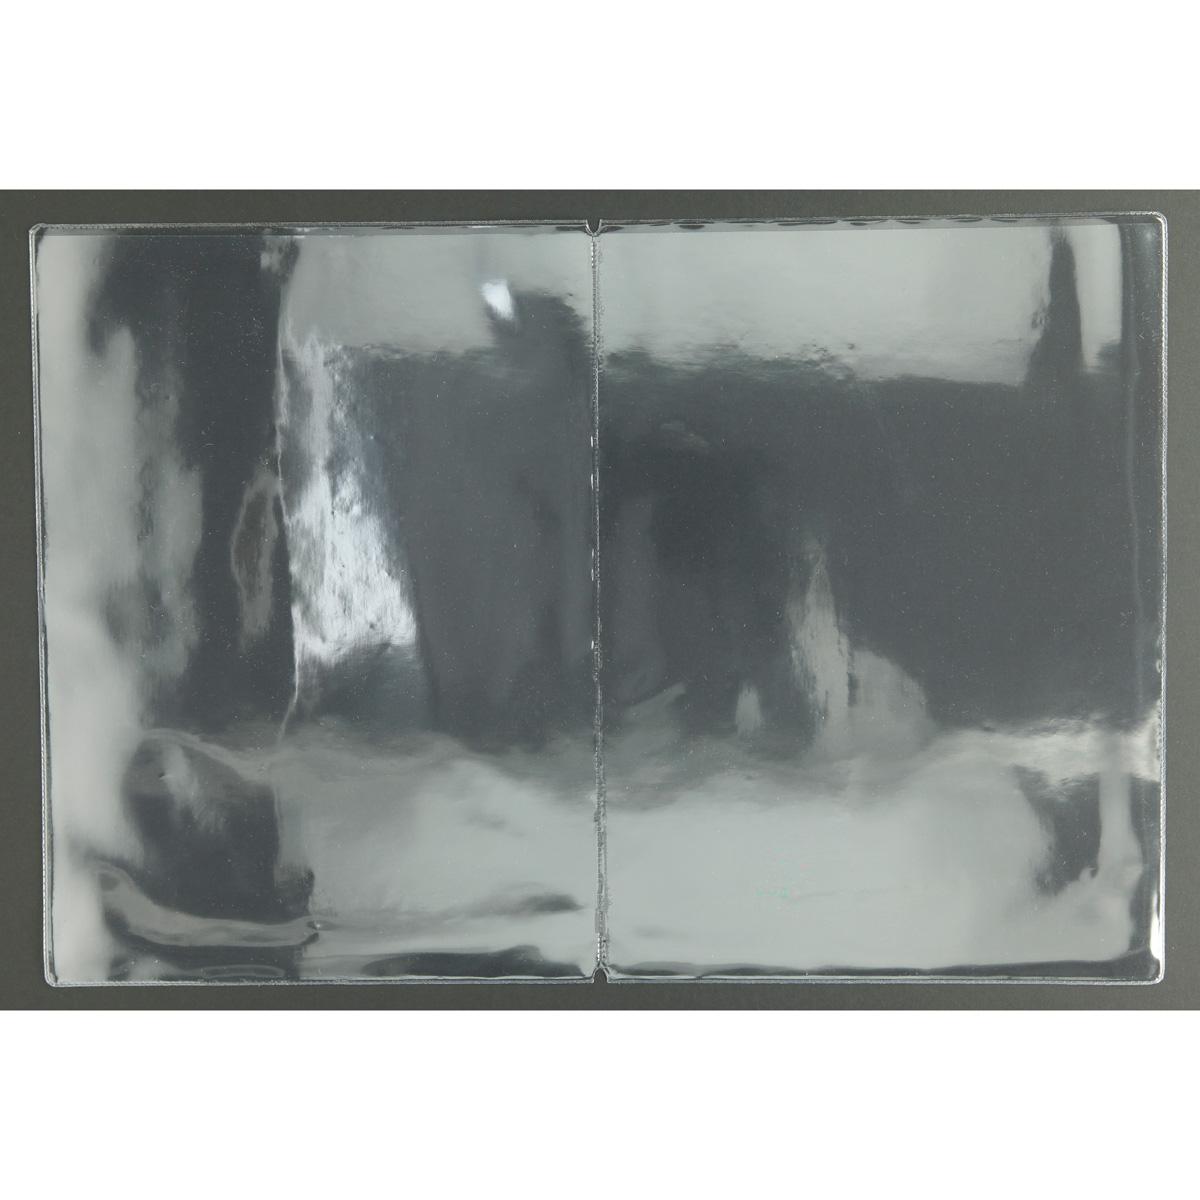 Wkład A-3 folia przezroczysta fi 180 1 Galeria opcji dodatkowych